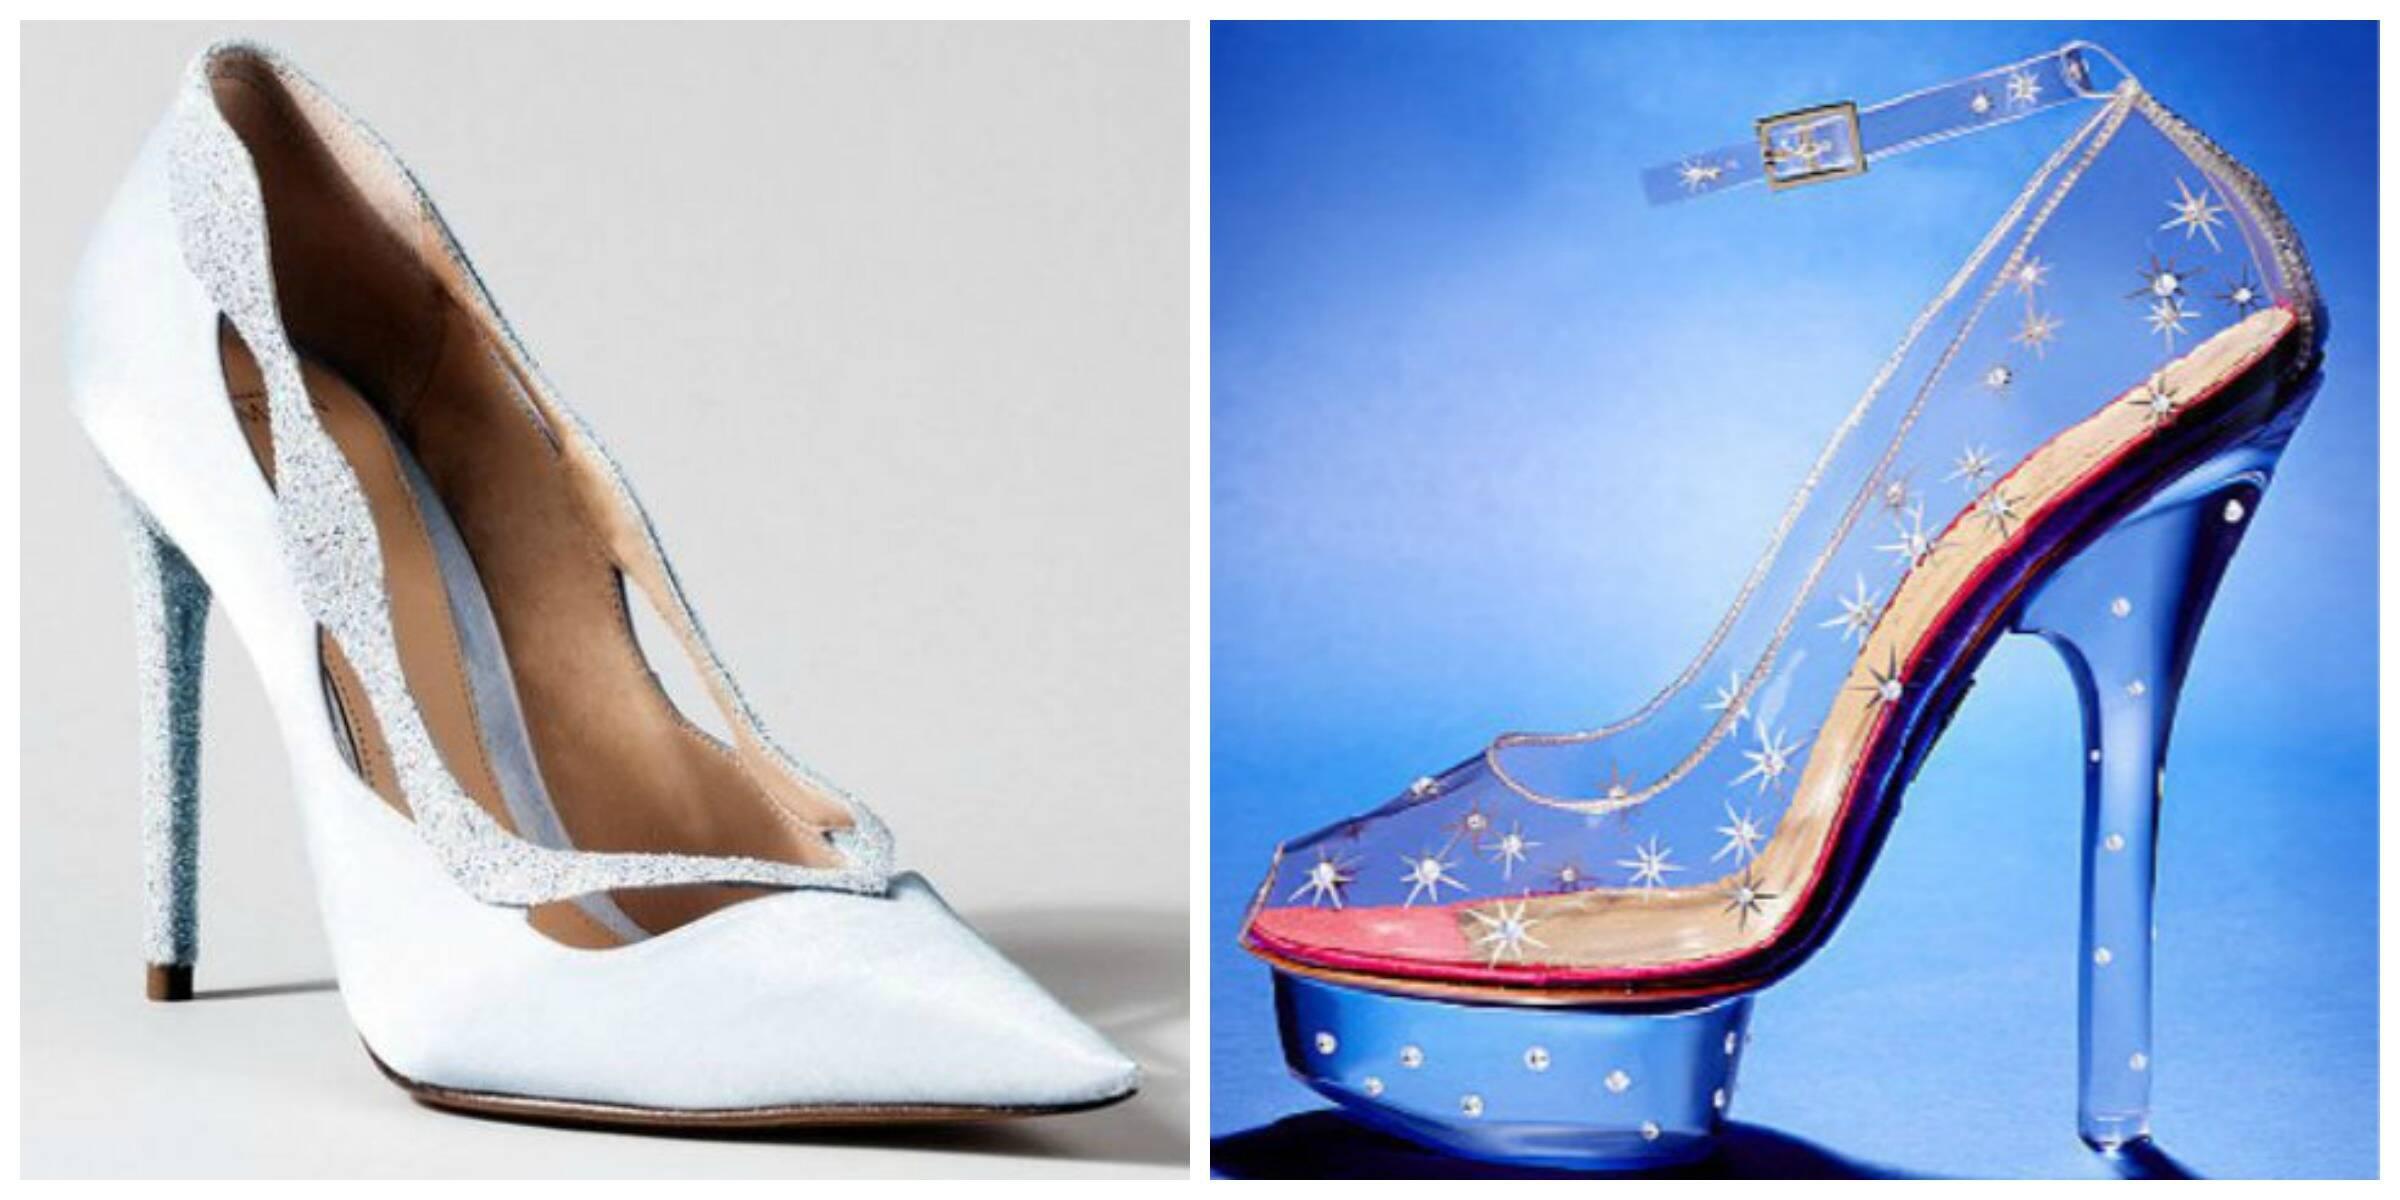 Os sapatos de Cinderela criados por Alexandre Birman, à esquerda, e por Charlotte Olympia/ Foto: divulgação